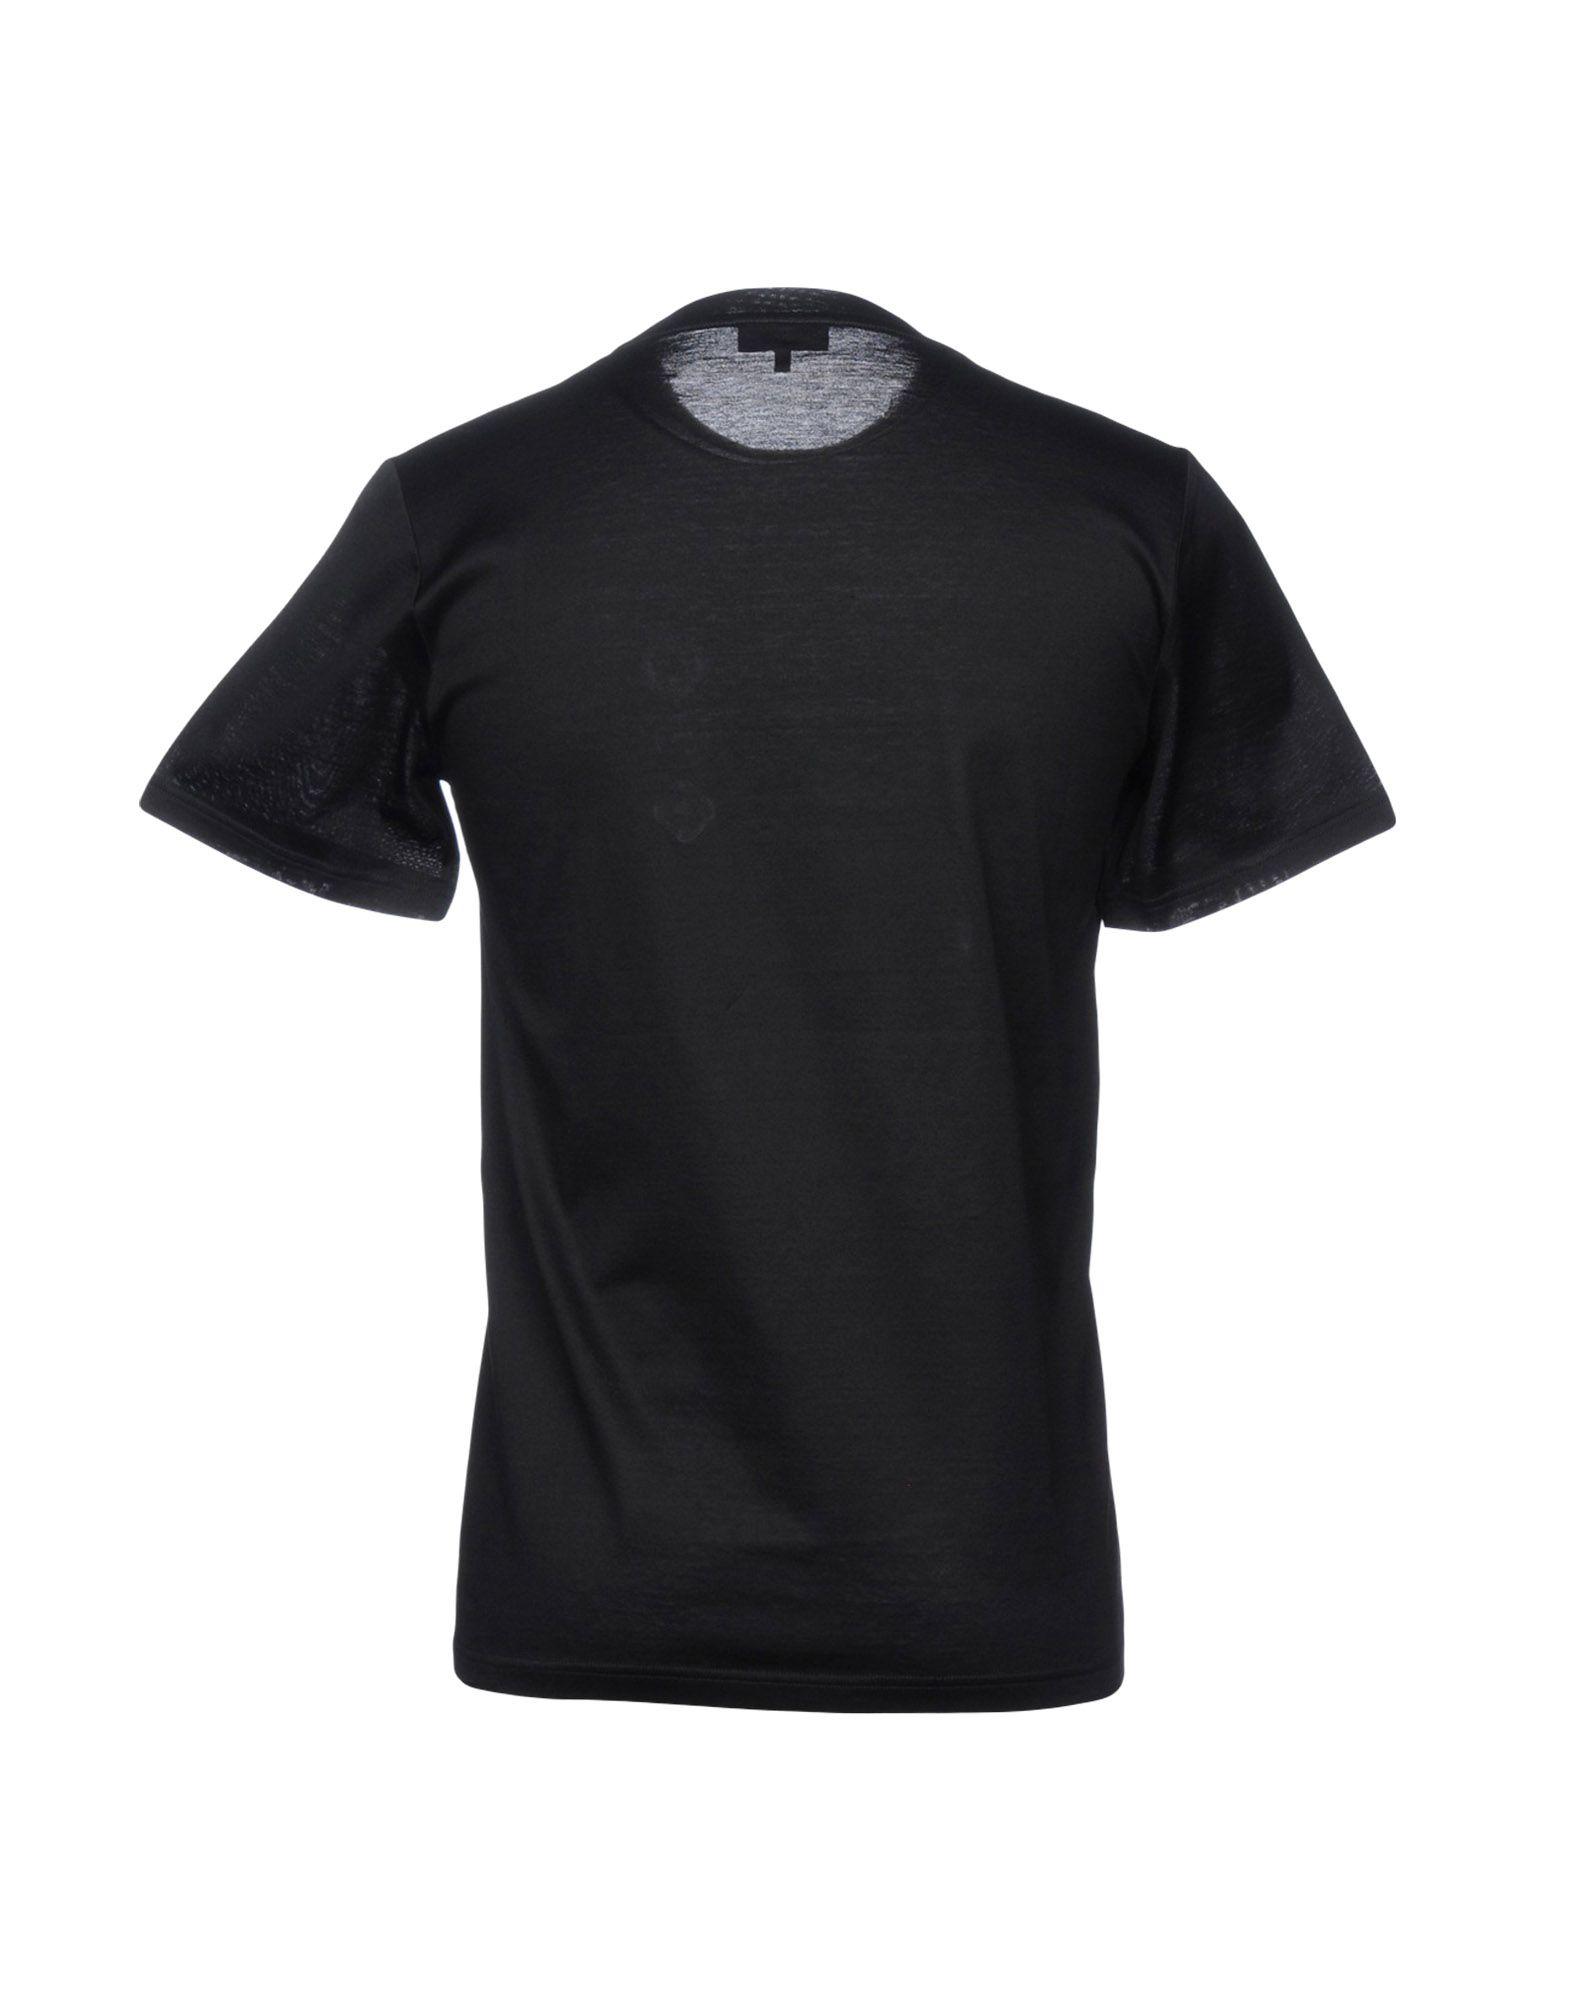 A buon mercato A buon mercato T-Shirt - Lanvin Uomo - T-Shirt 12169861KV 915670